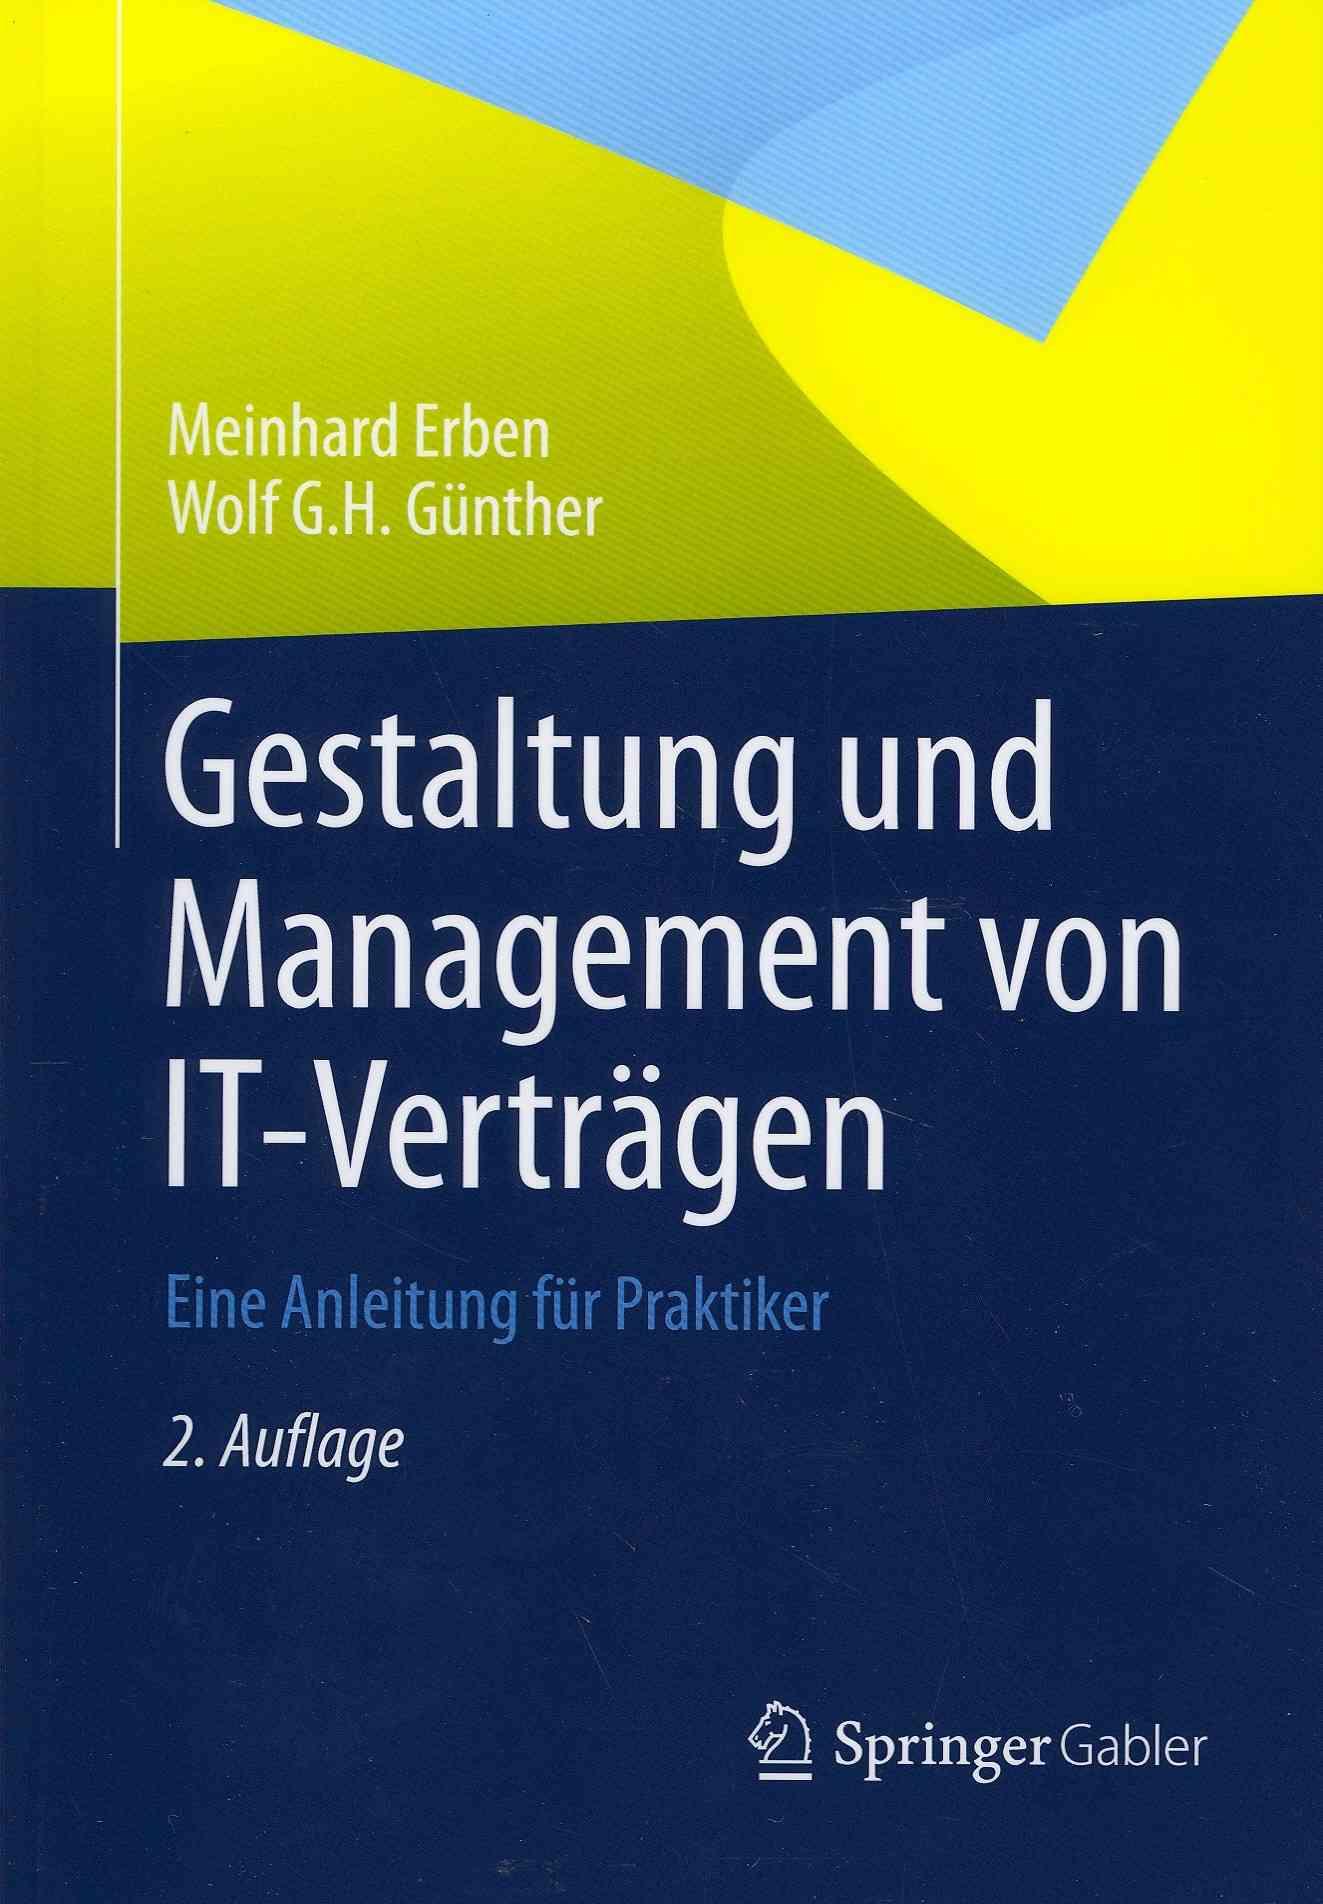 Gestaltung Und Management Von It-vertragen By Erben, Meinhard/ Gnnther, Wolf G.H.